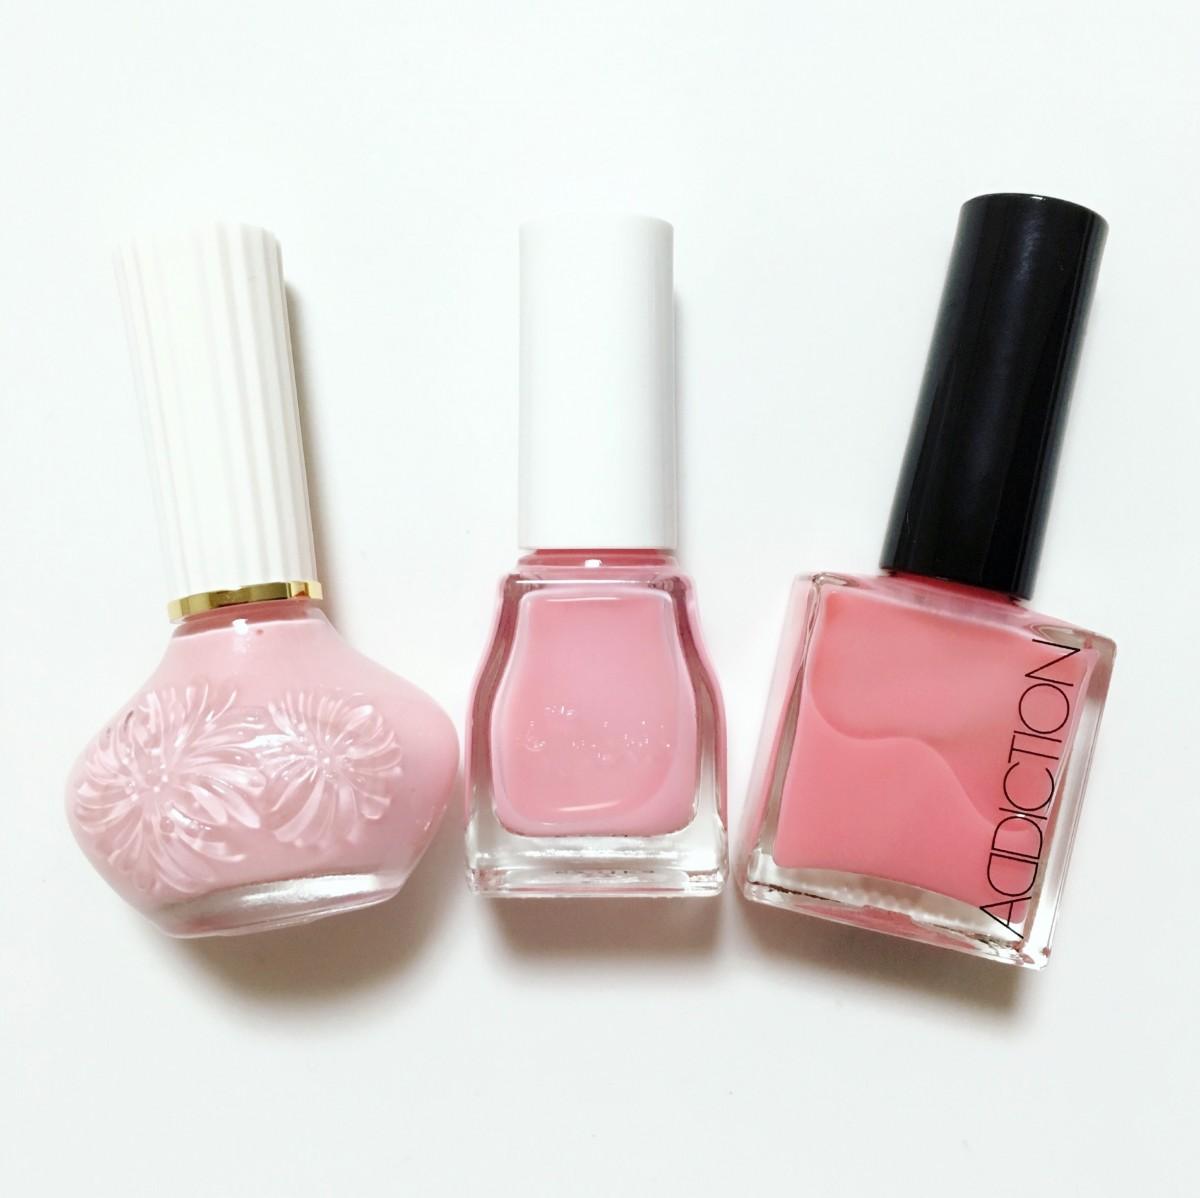 手肌をキレイに見せる ❤︎ ナチュラルピンクのネイルカラー